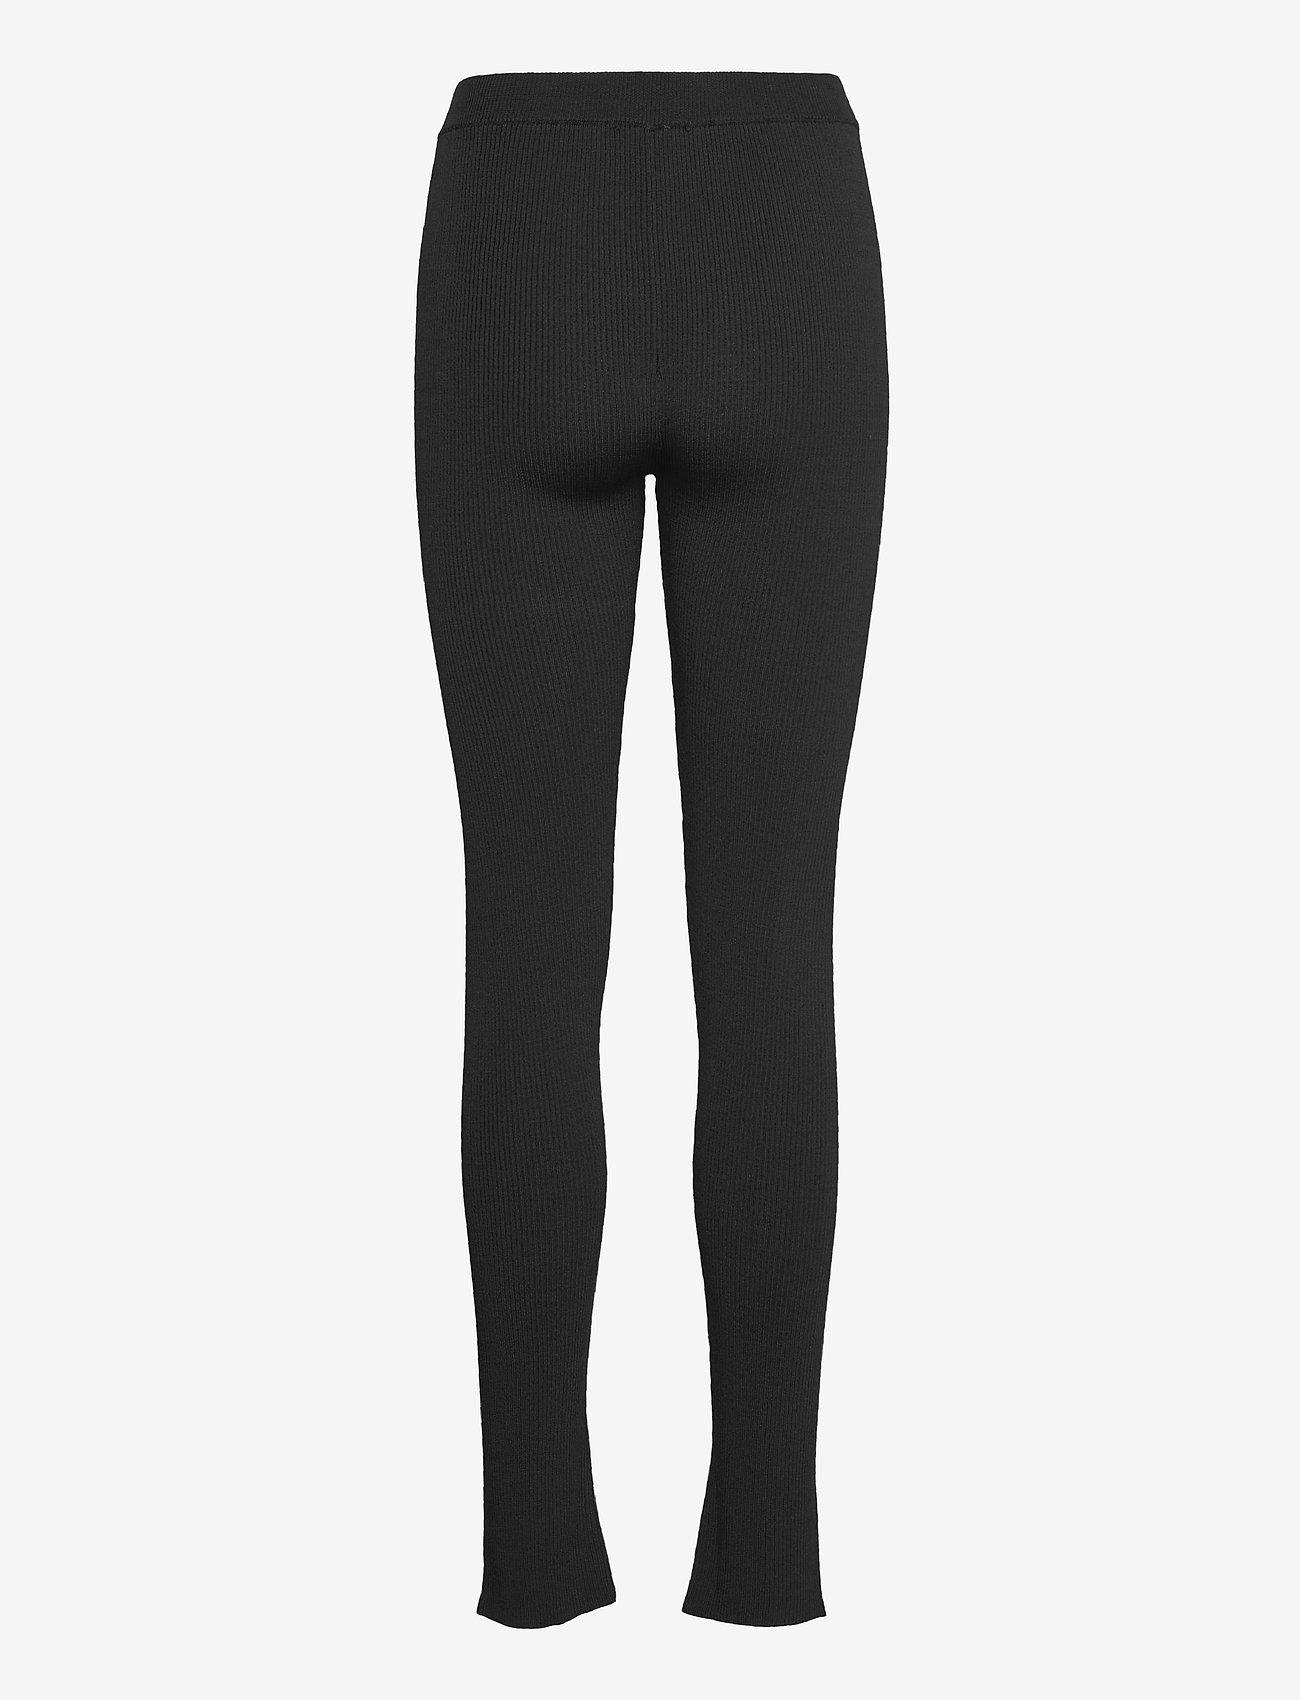 Birgitte Herskind - Paris Leggings - leggings - black - 1